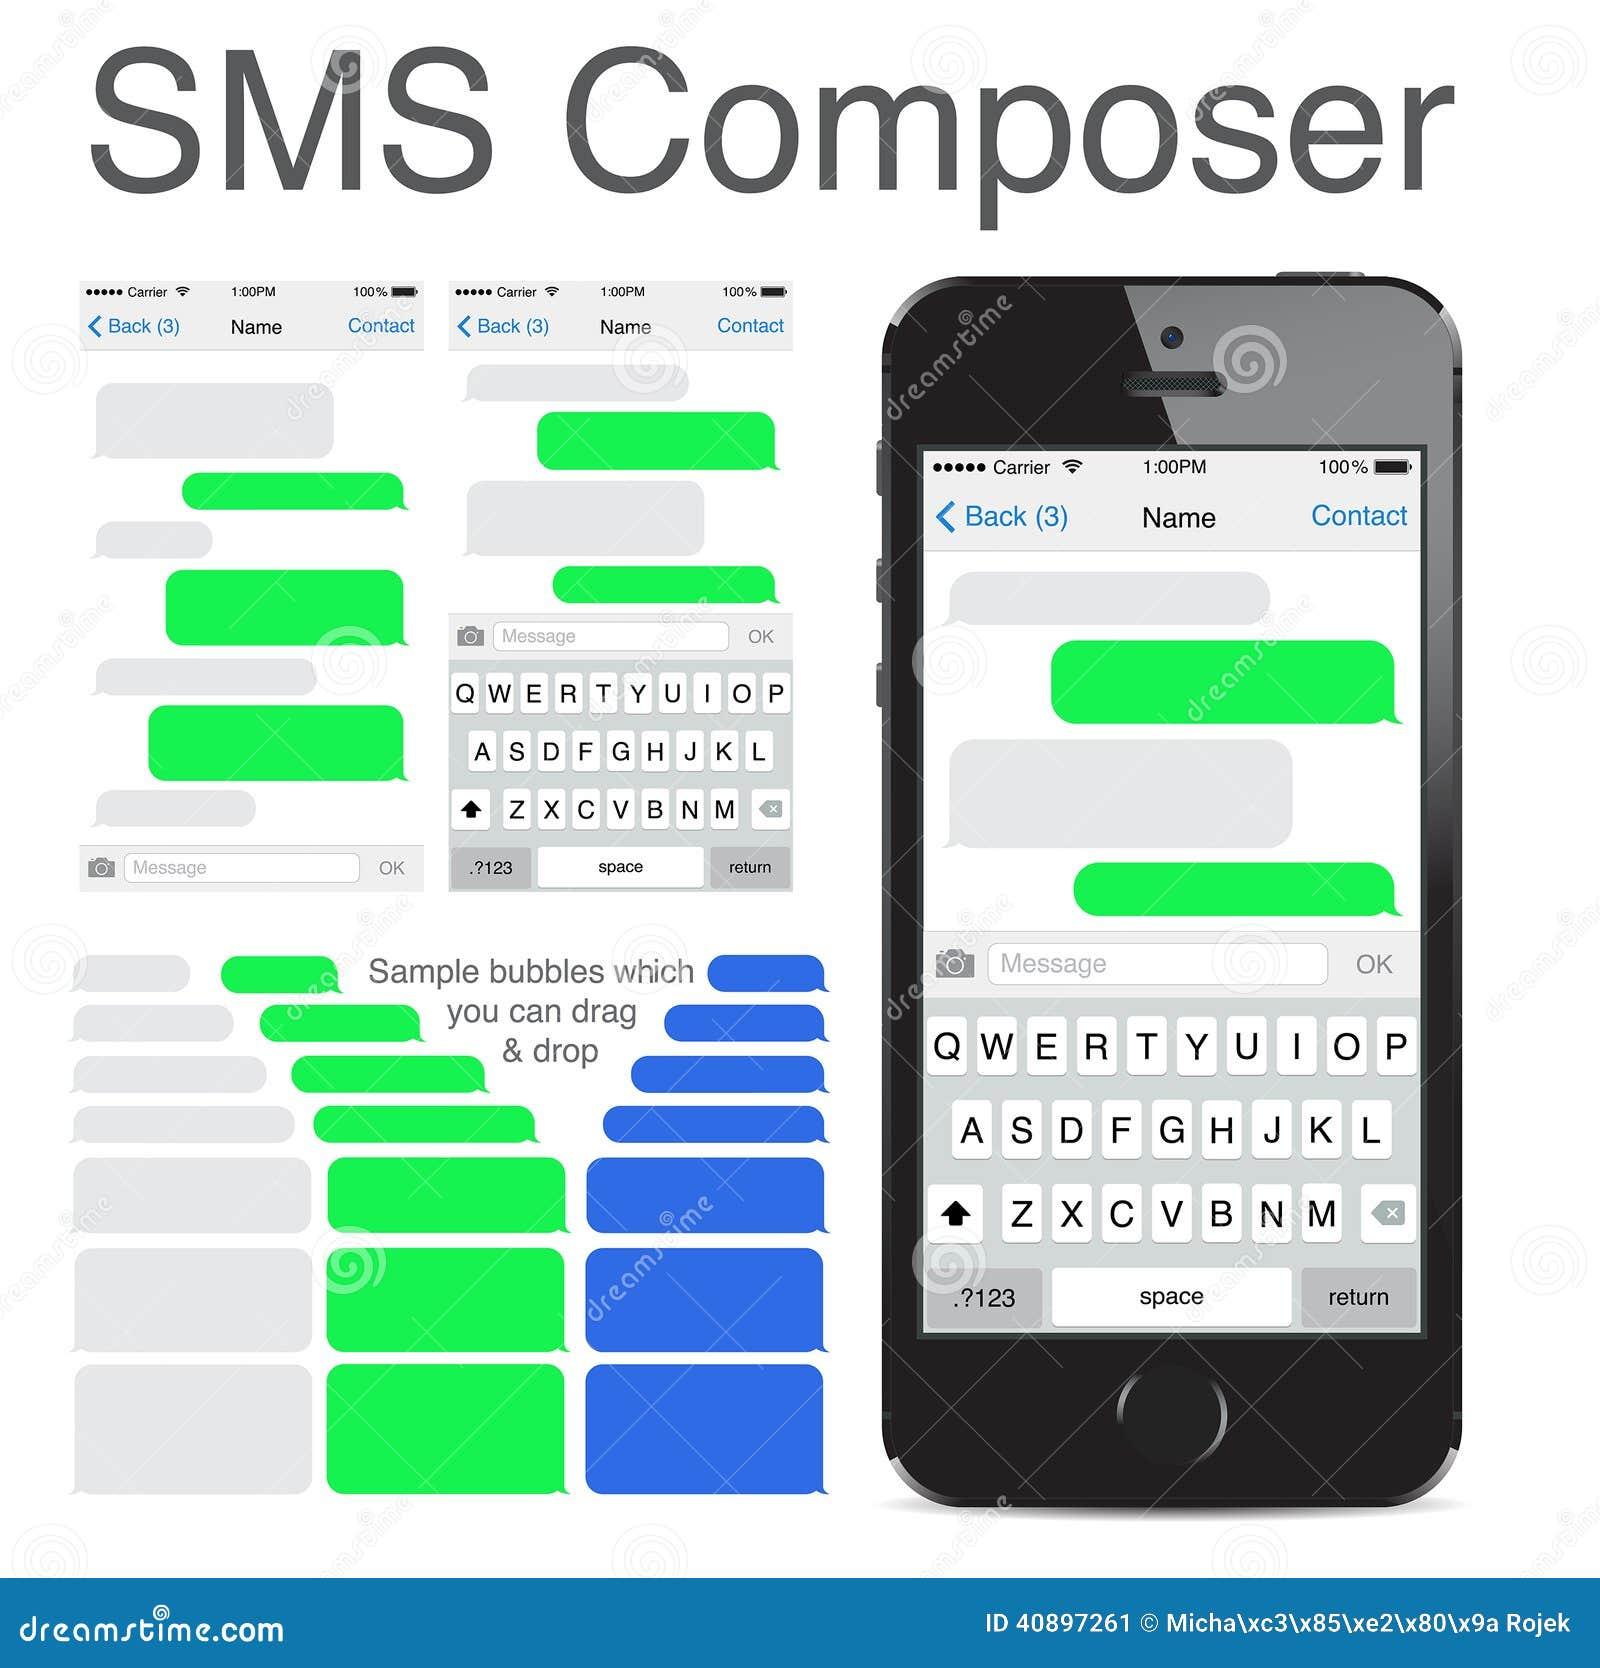 Iphone 5s聊天的sms模板泡影